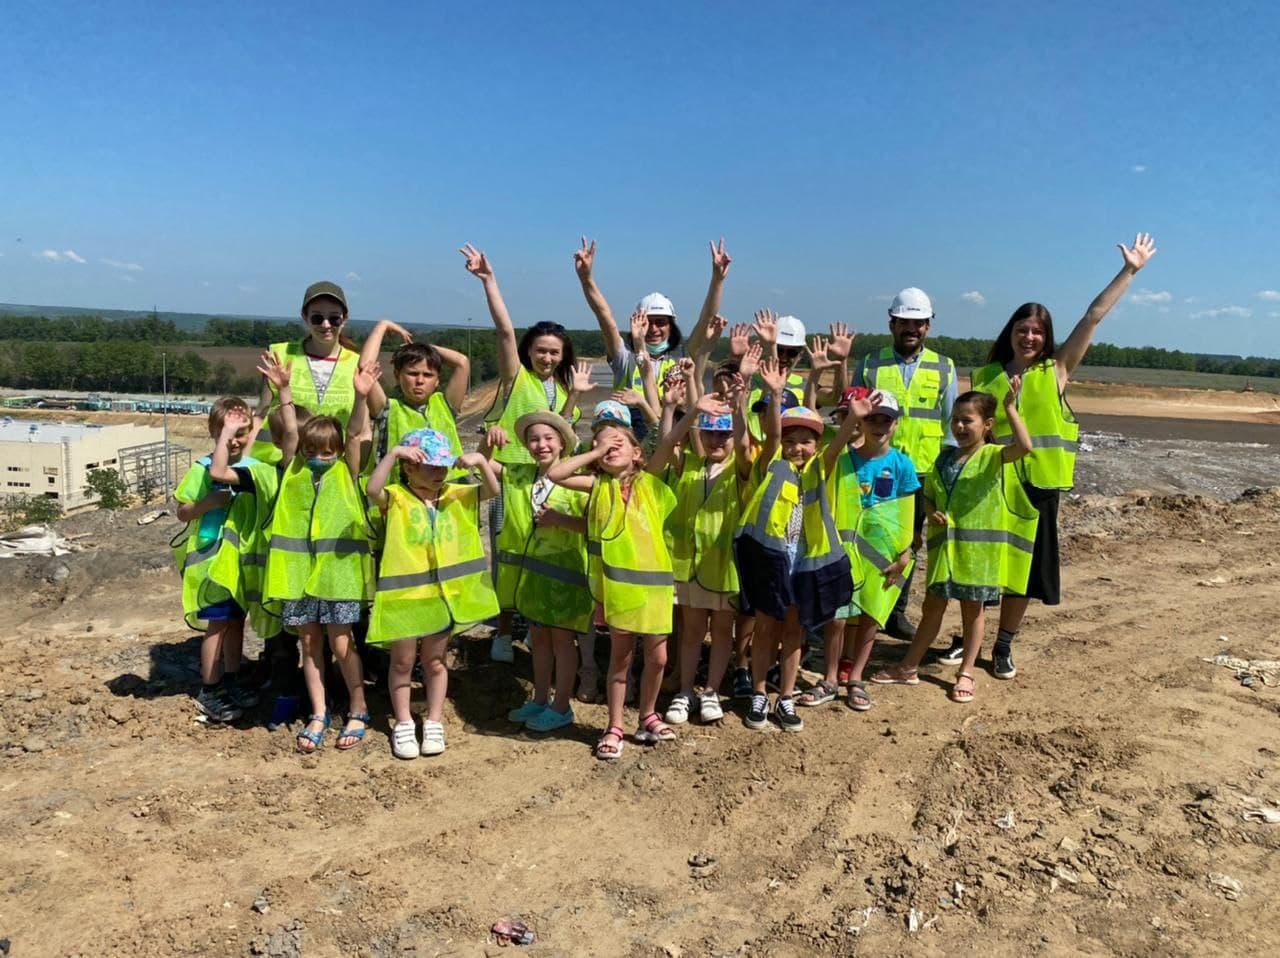 Юным харьковчанам организовали экскурсию на мусороперерабатывающий комплекс. Новости Харькова